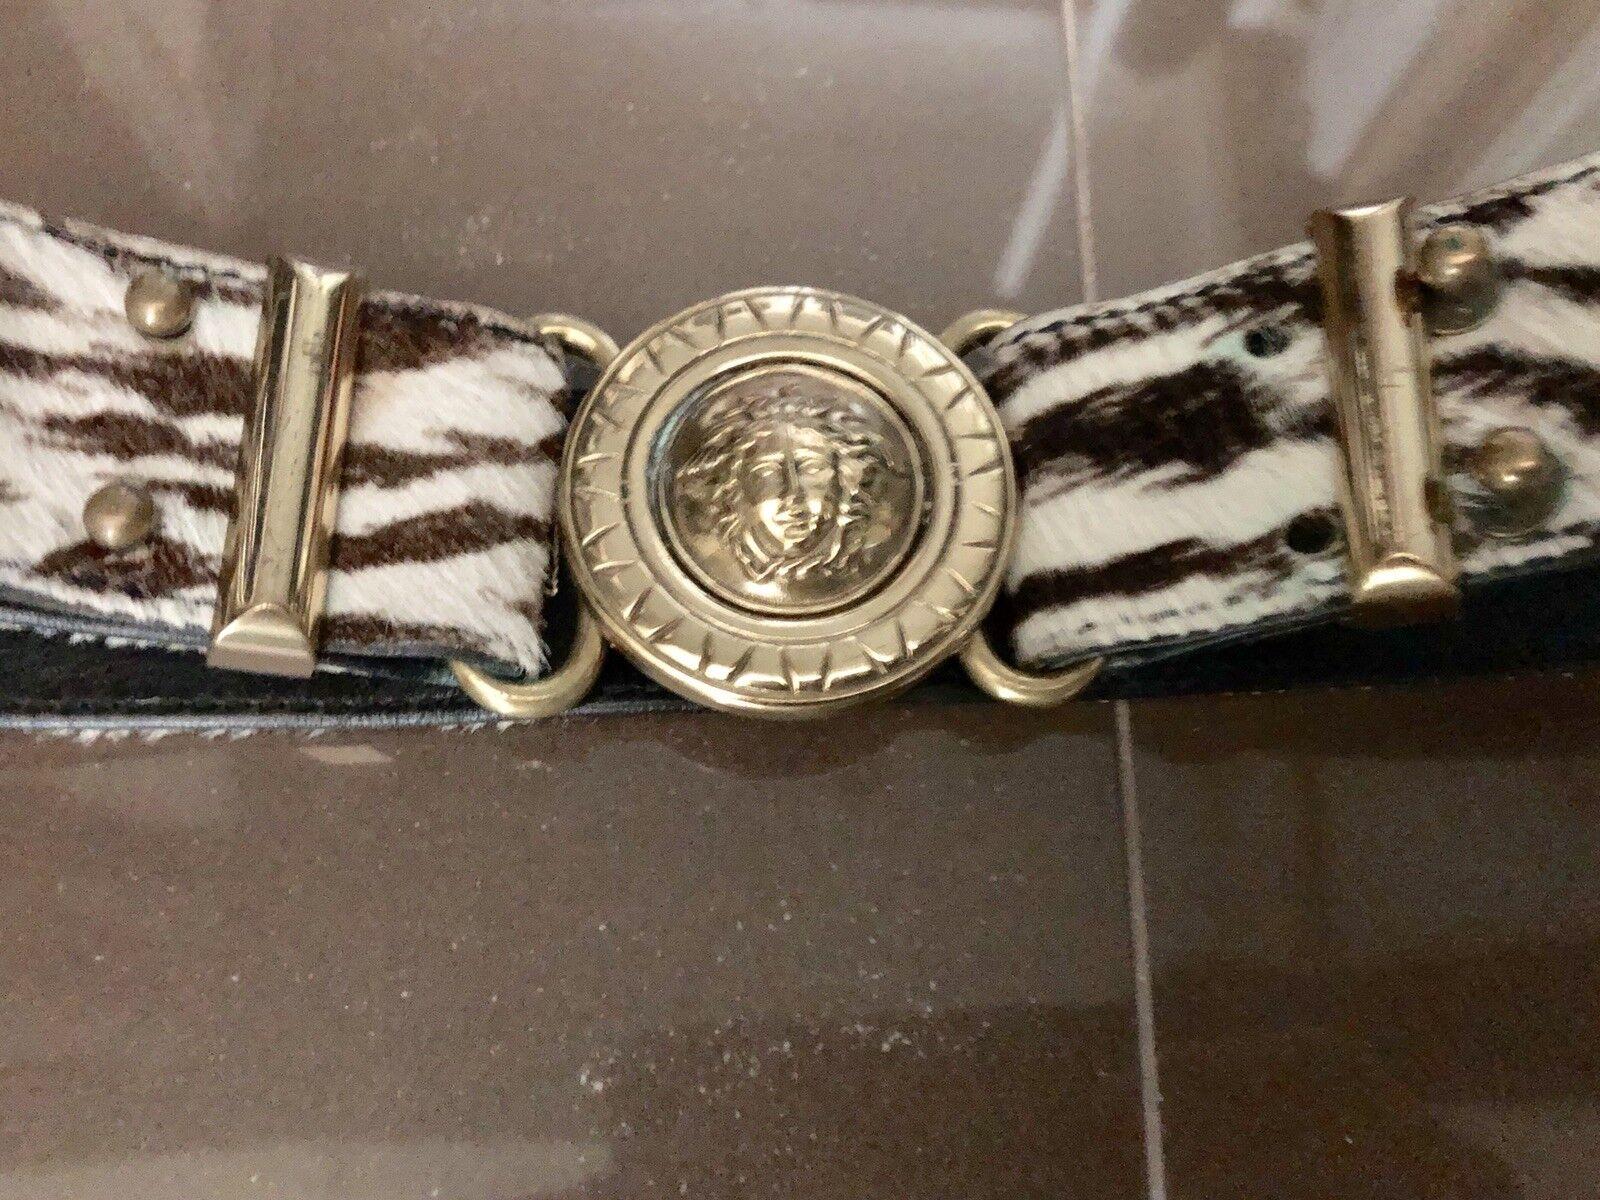 gianni versace vintage Belt - image 11